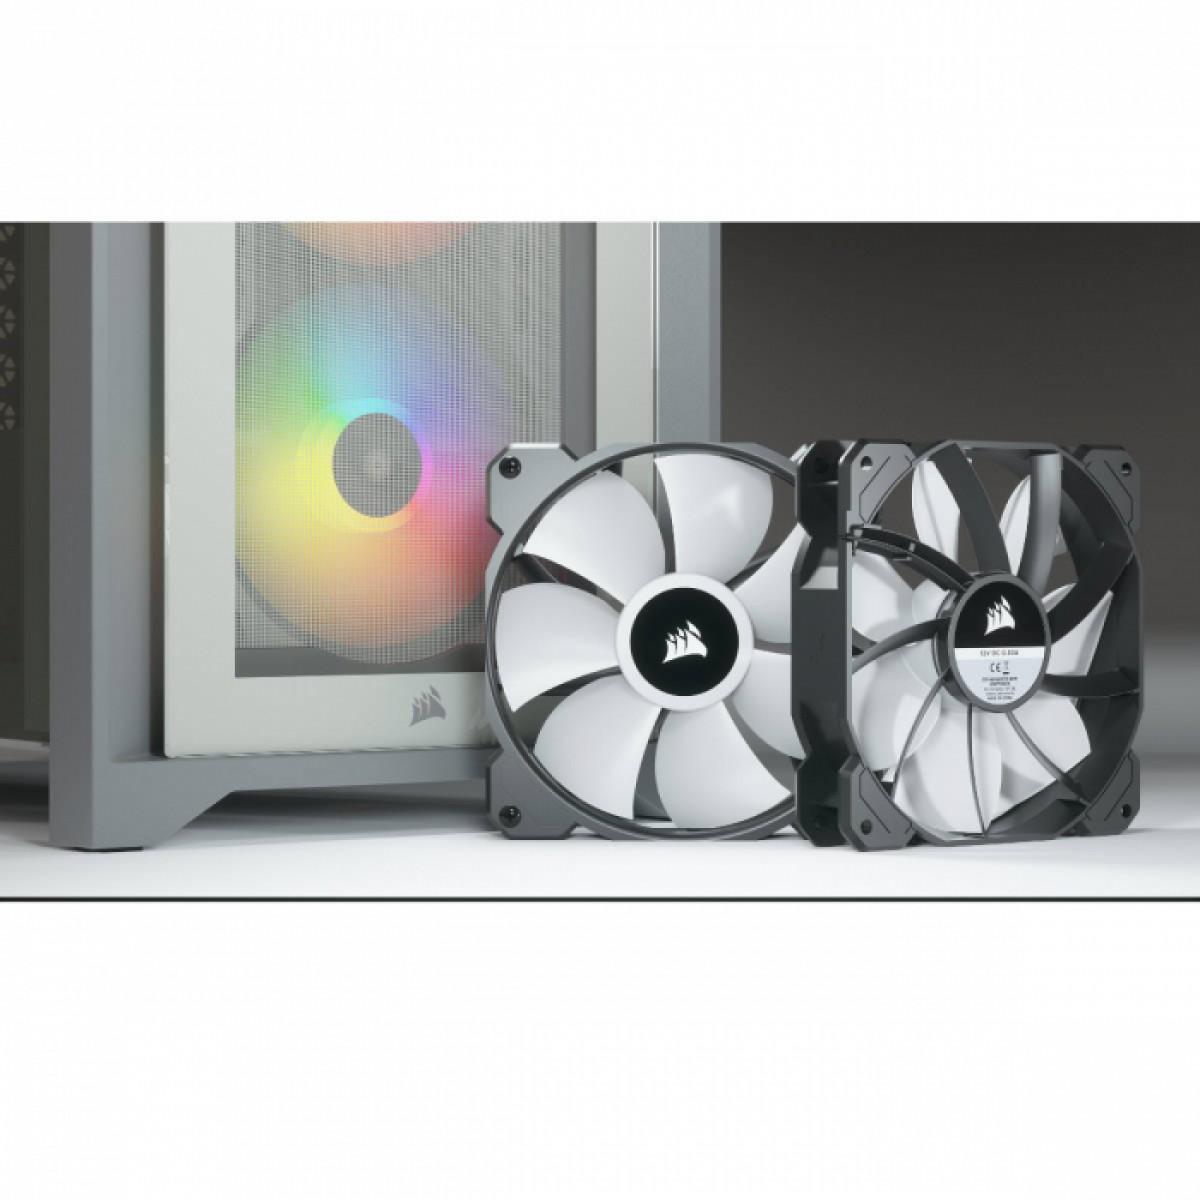 Gabinete Gamer Corsair 4000X RGB, Mid Tower, Vidro Temperado, ATX, White, iCue, Sem Fonte, Com 3 Fans, CC-9011205-WW